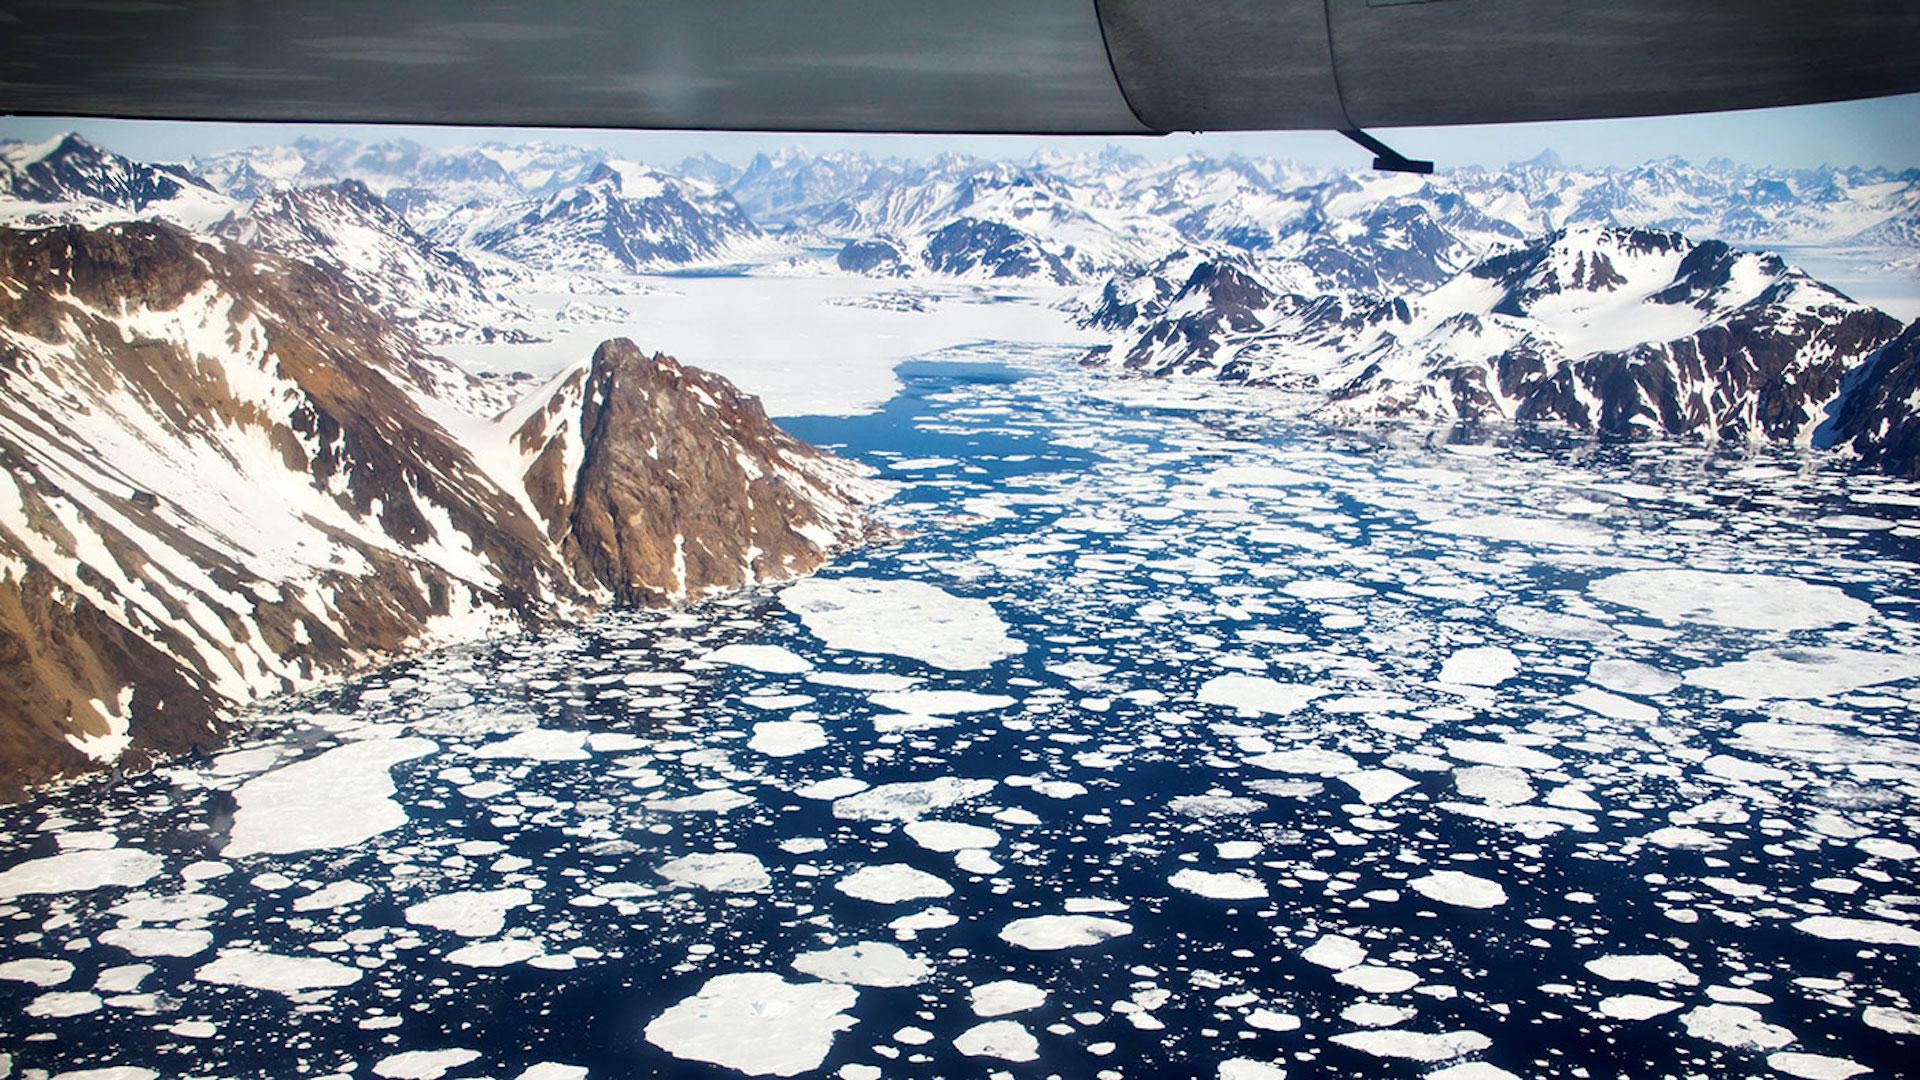 Derretimiento de glaciares sube nivel del mar a 2.2 mm — Groenlandia